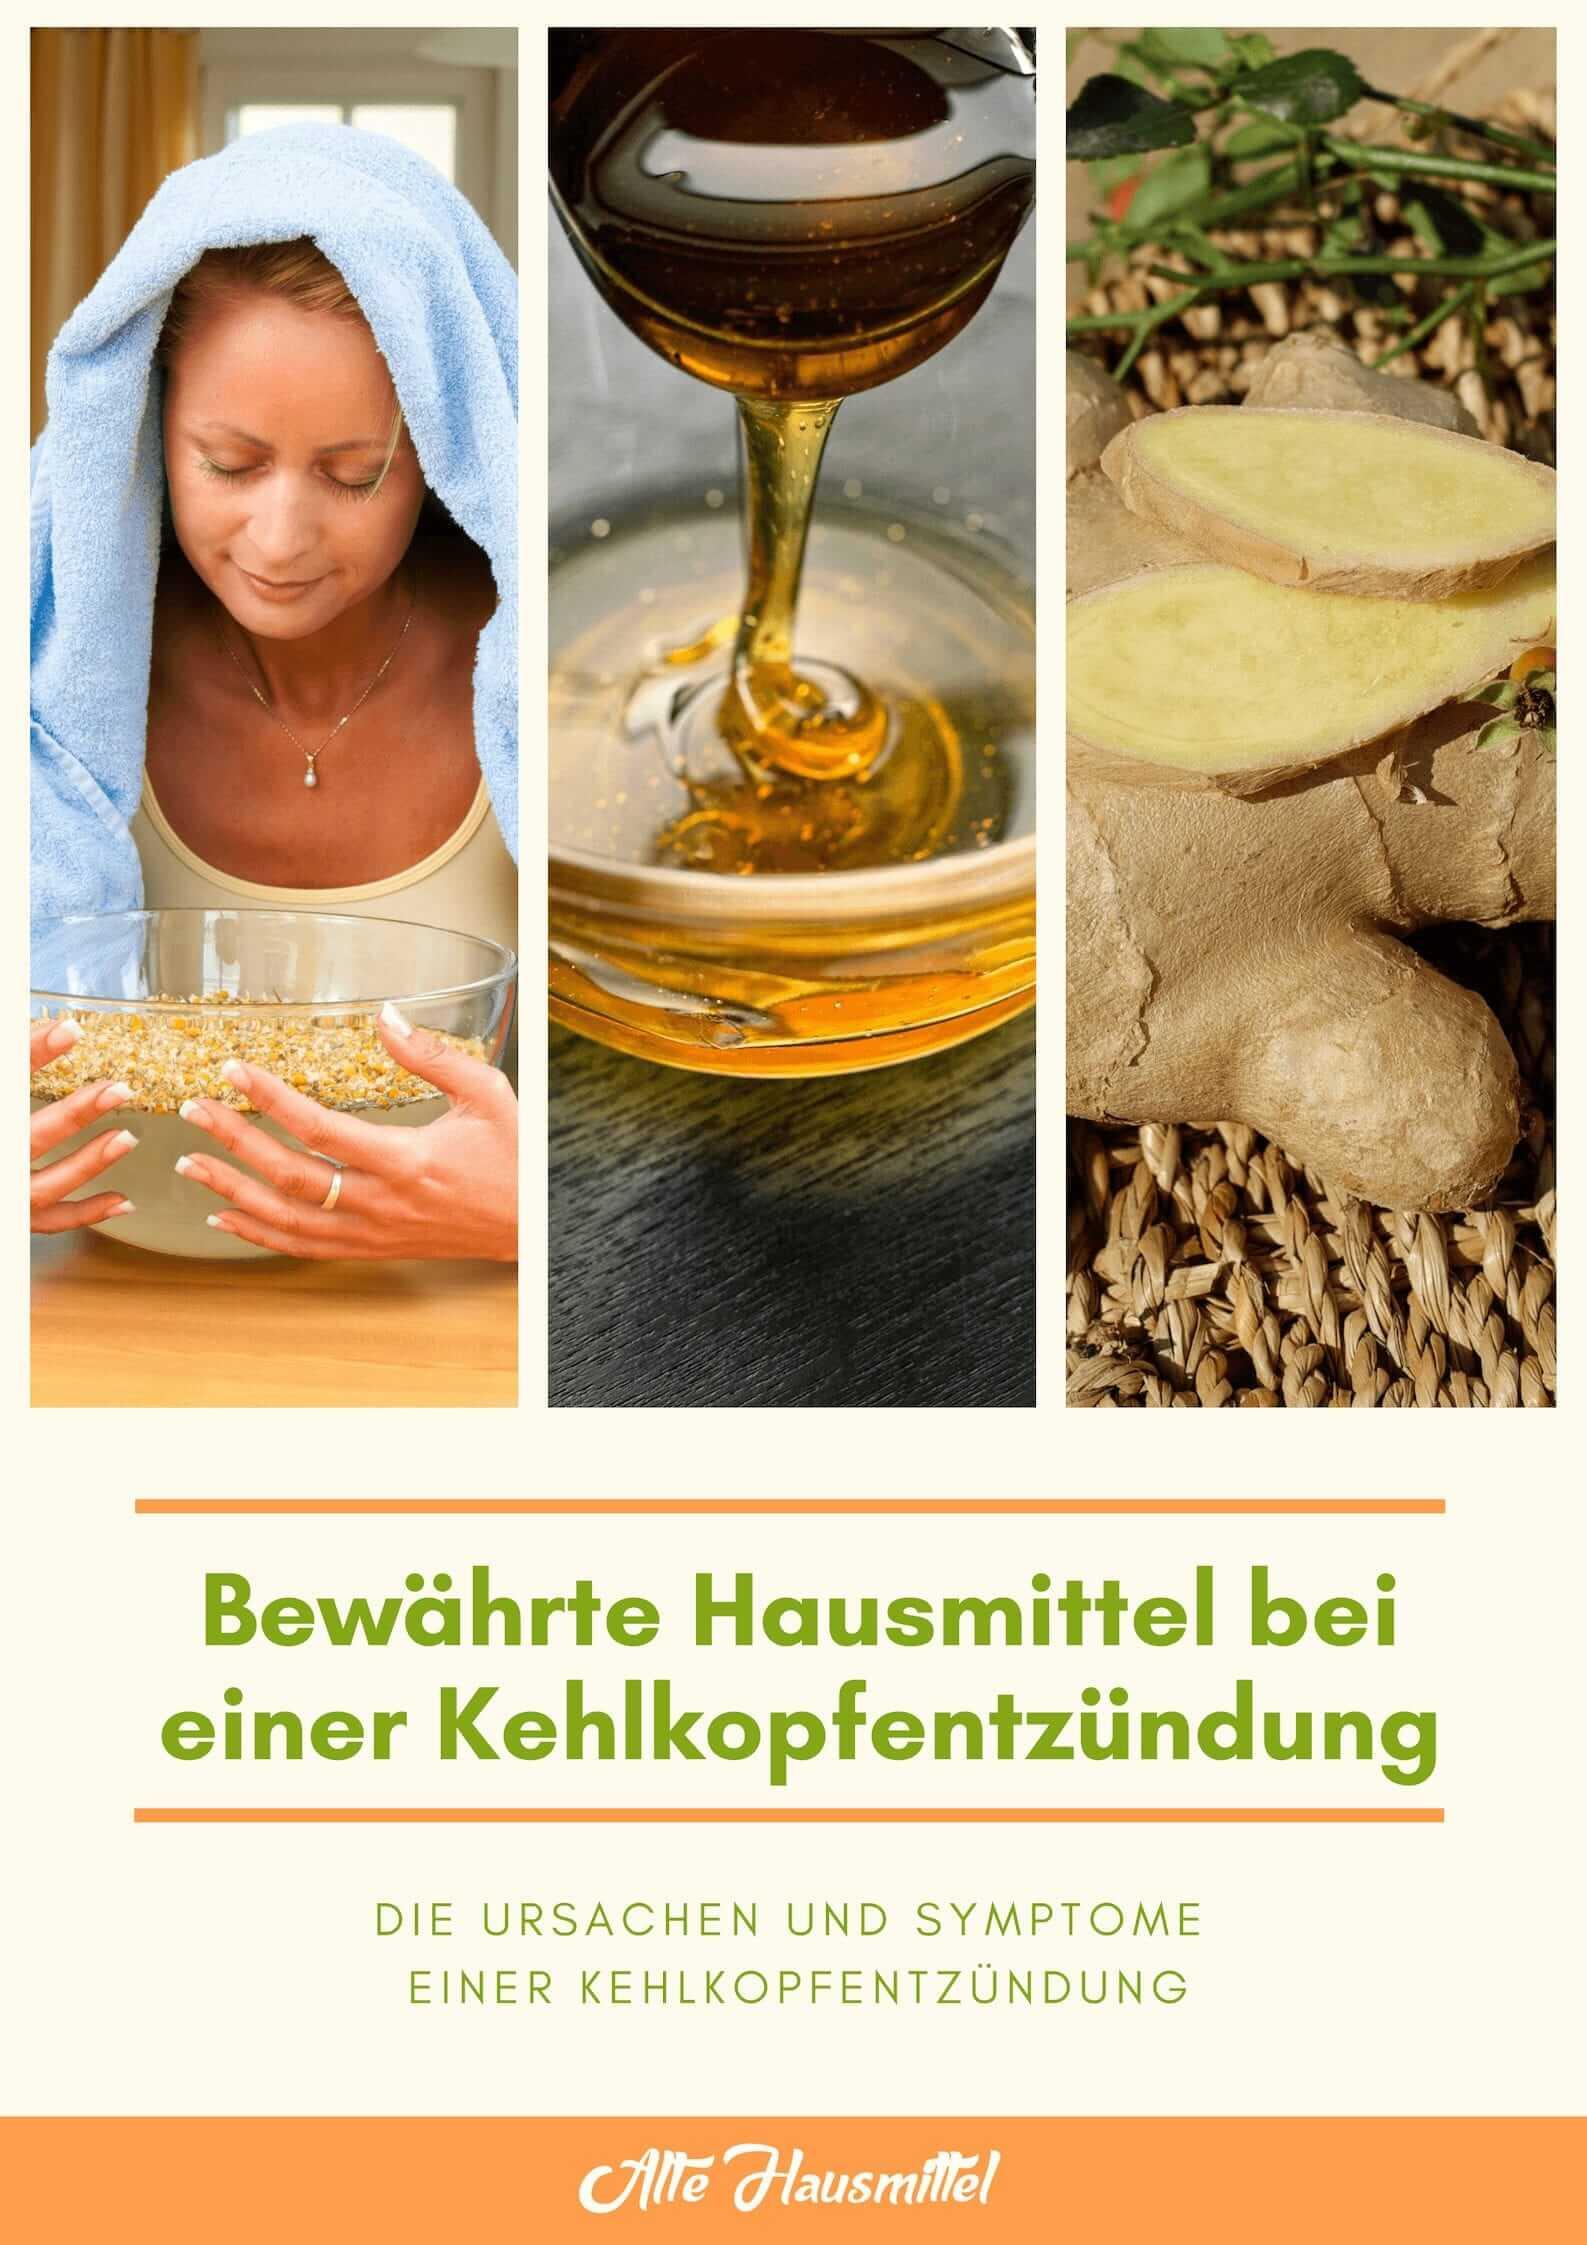 hausmittel gegen Kehlkopfentzündung